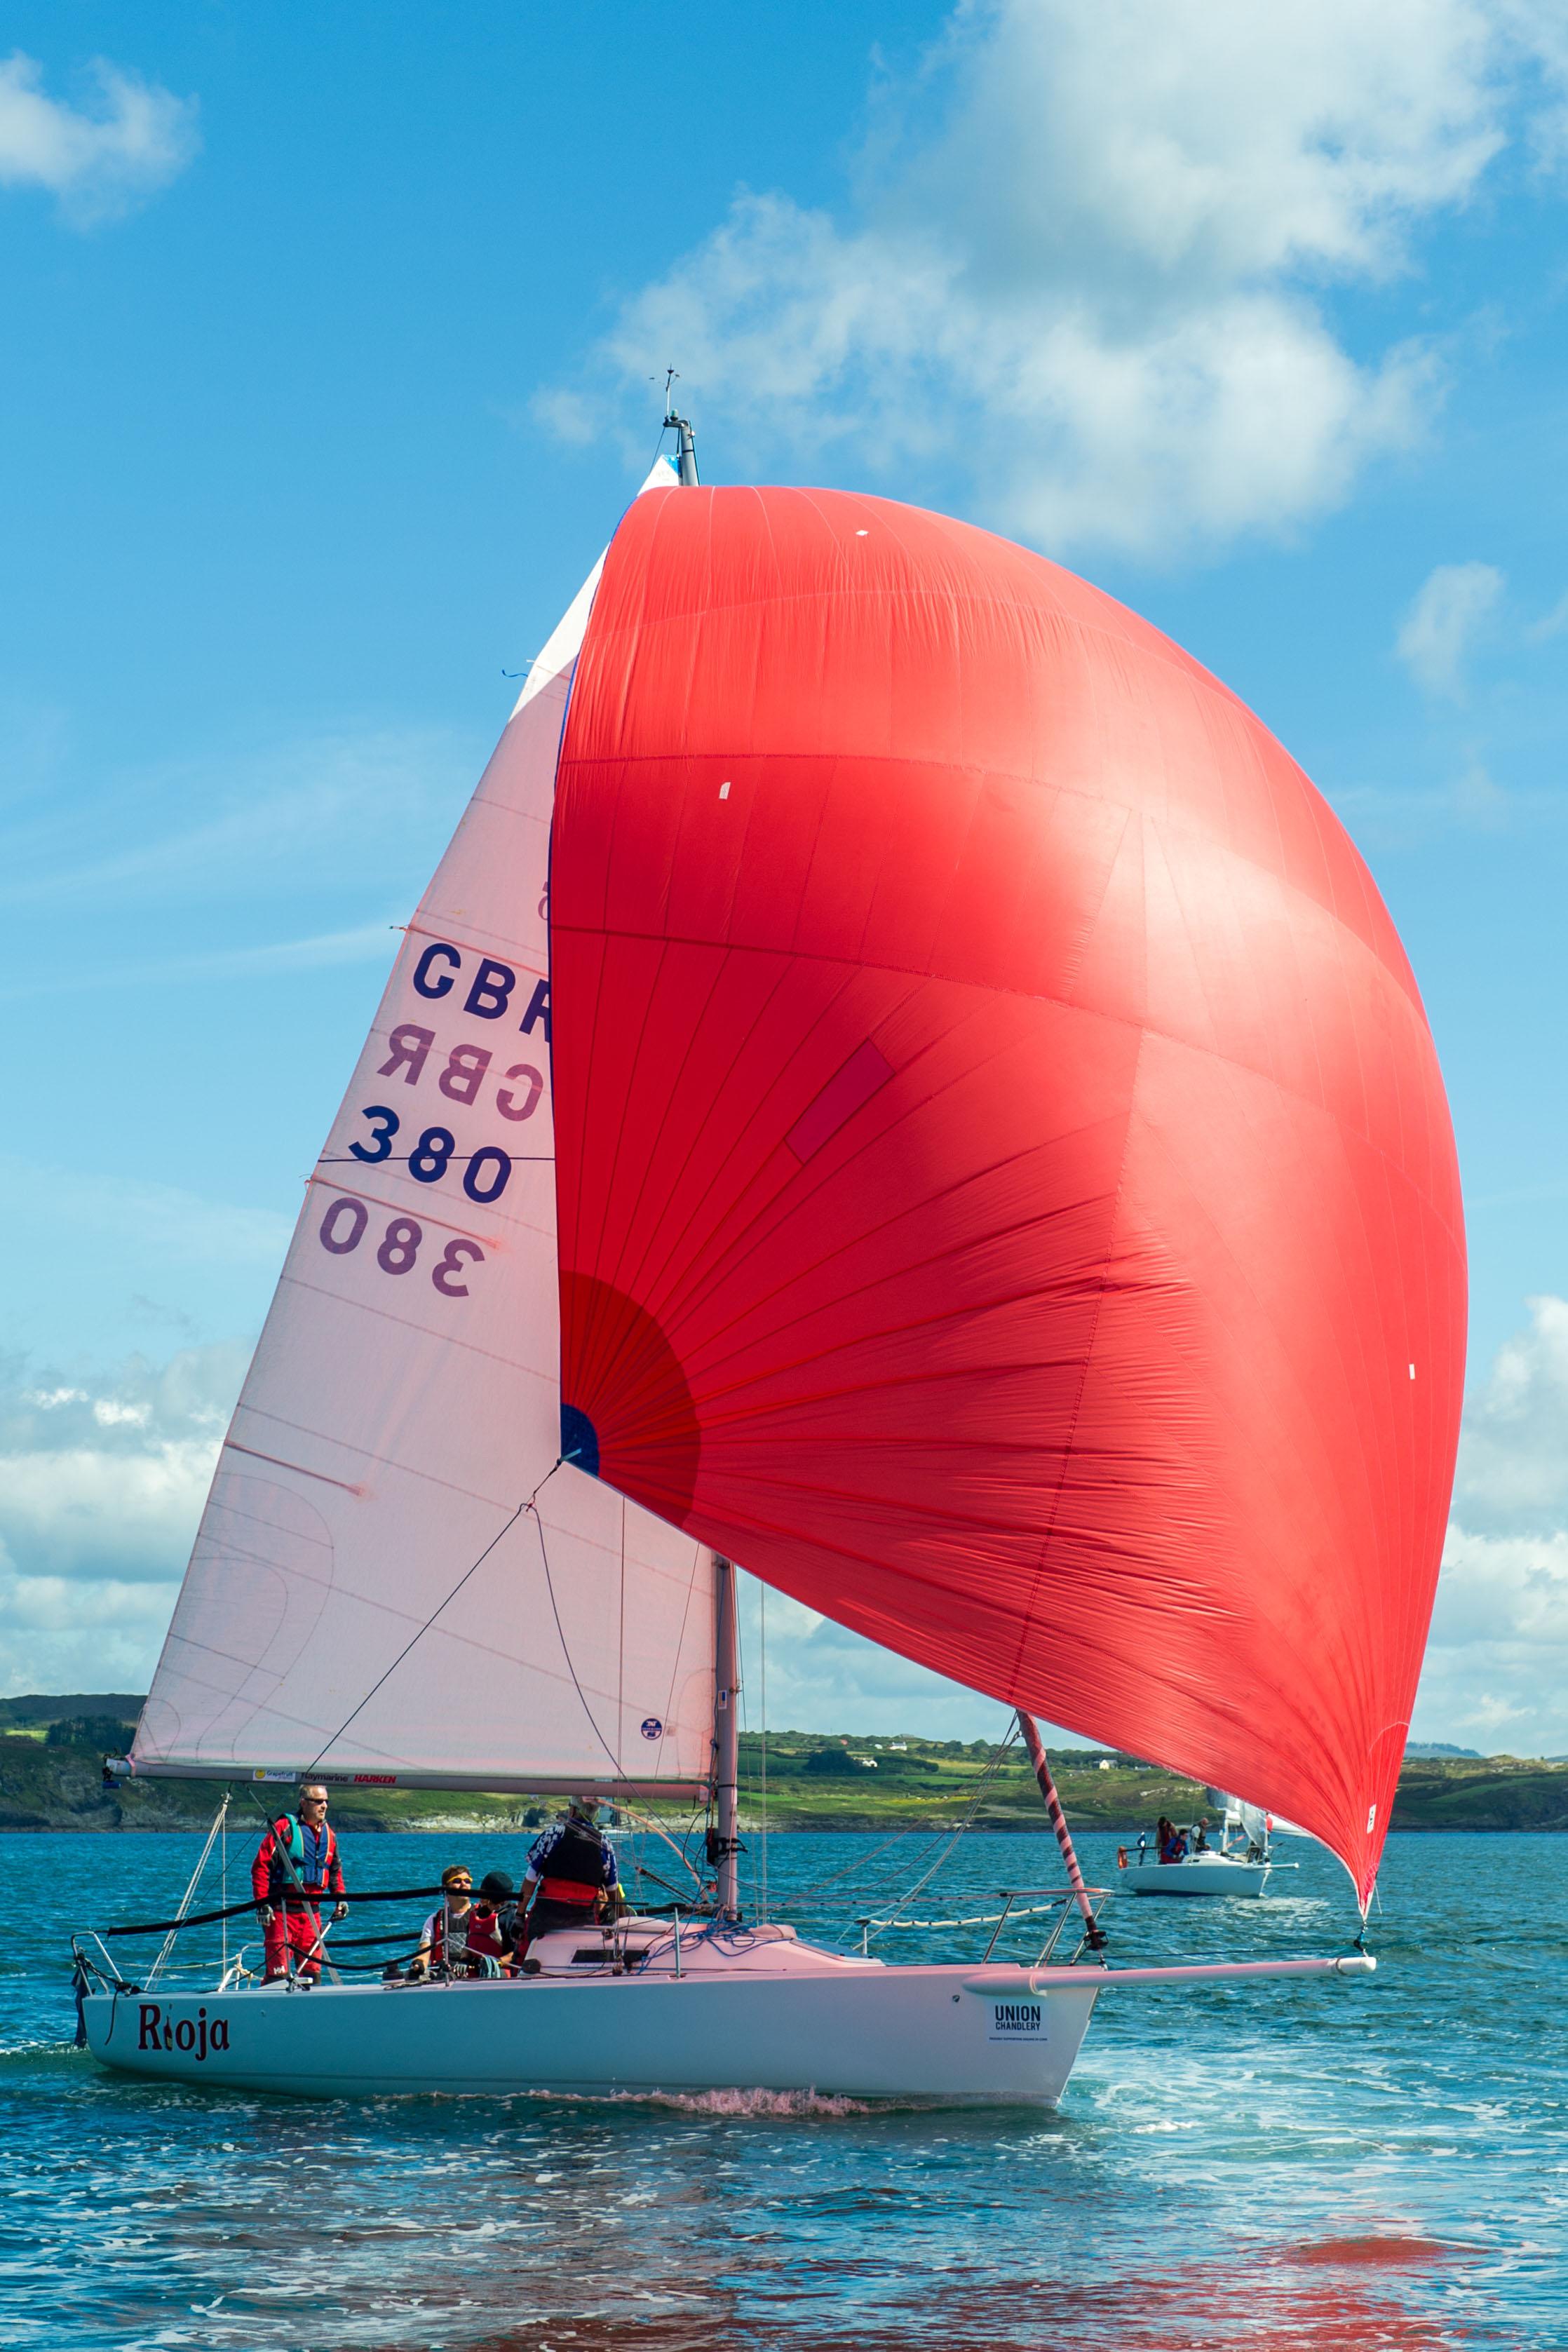 'Rioja' sails under a spinnaker